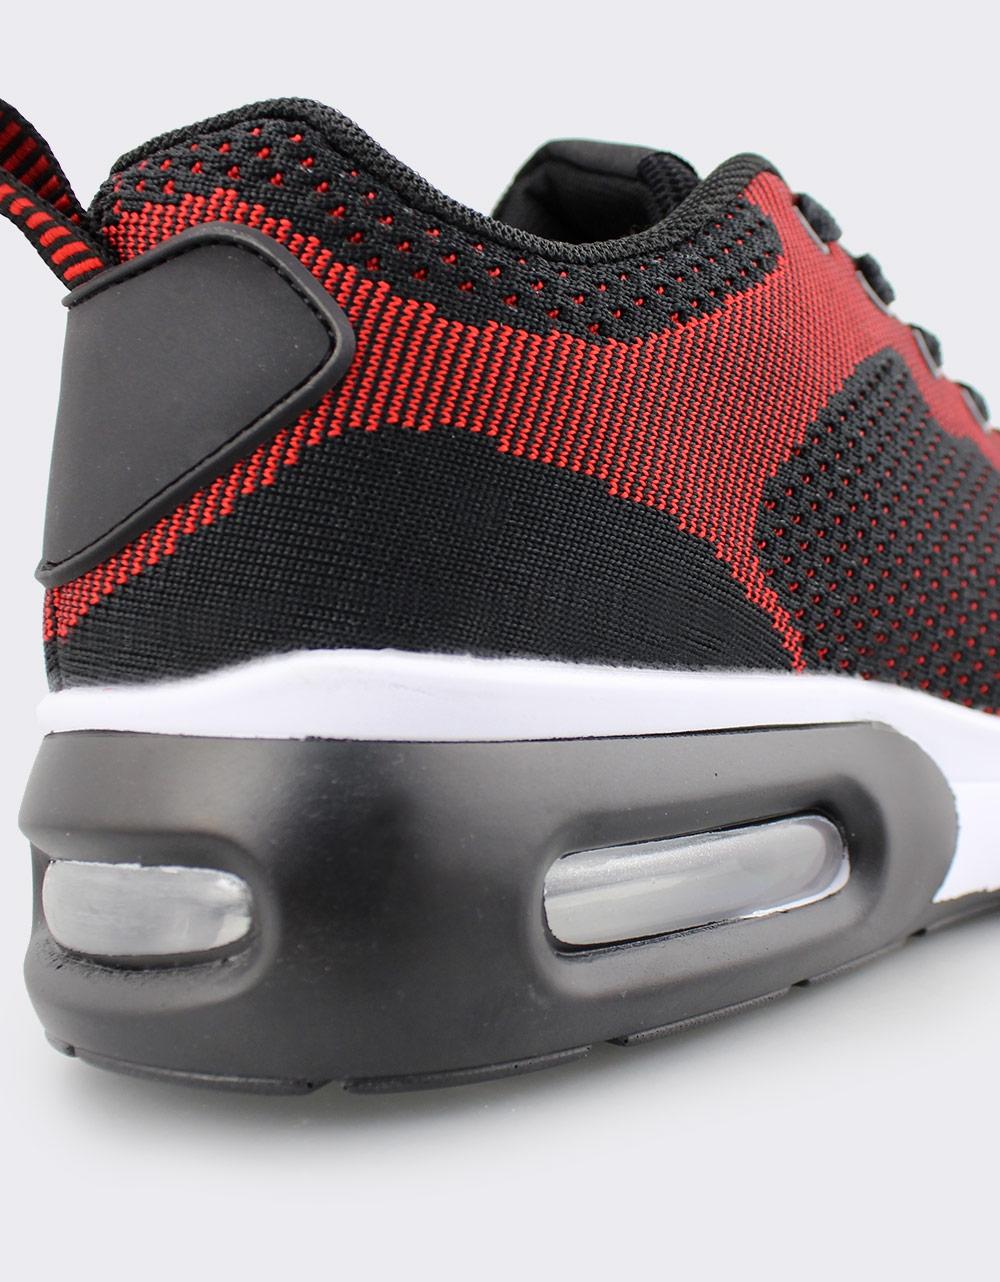 Εικόνα από Ανδρικά sneakers δίχρωμα με αερόσολα Μαύρο/Κόκκινο